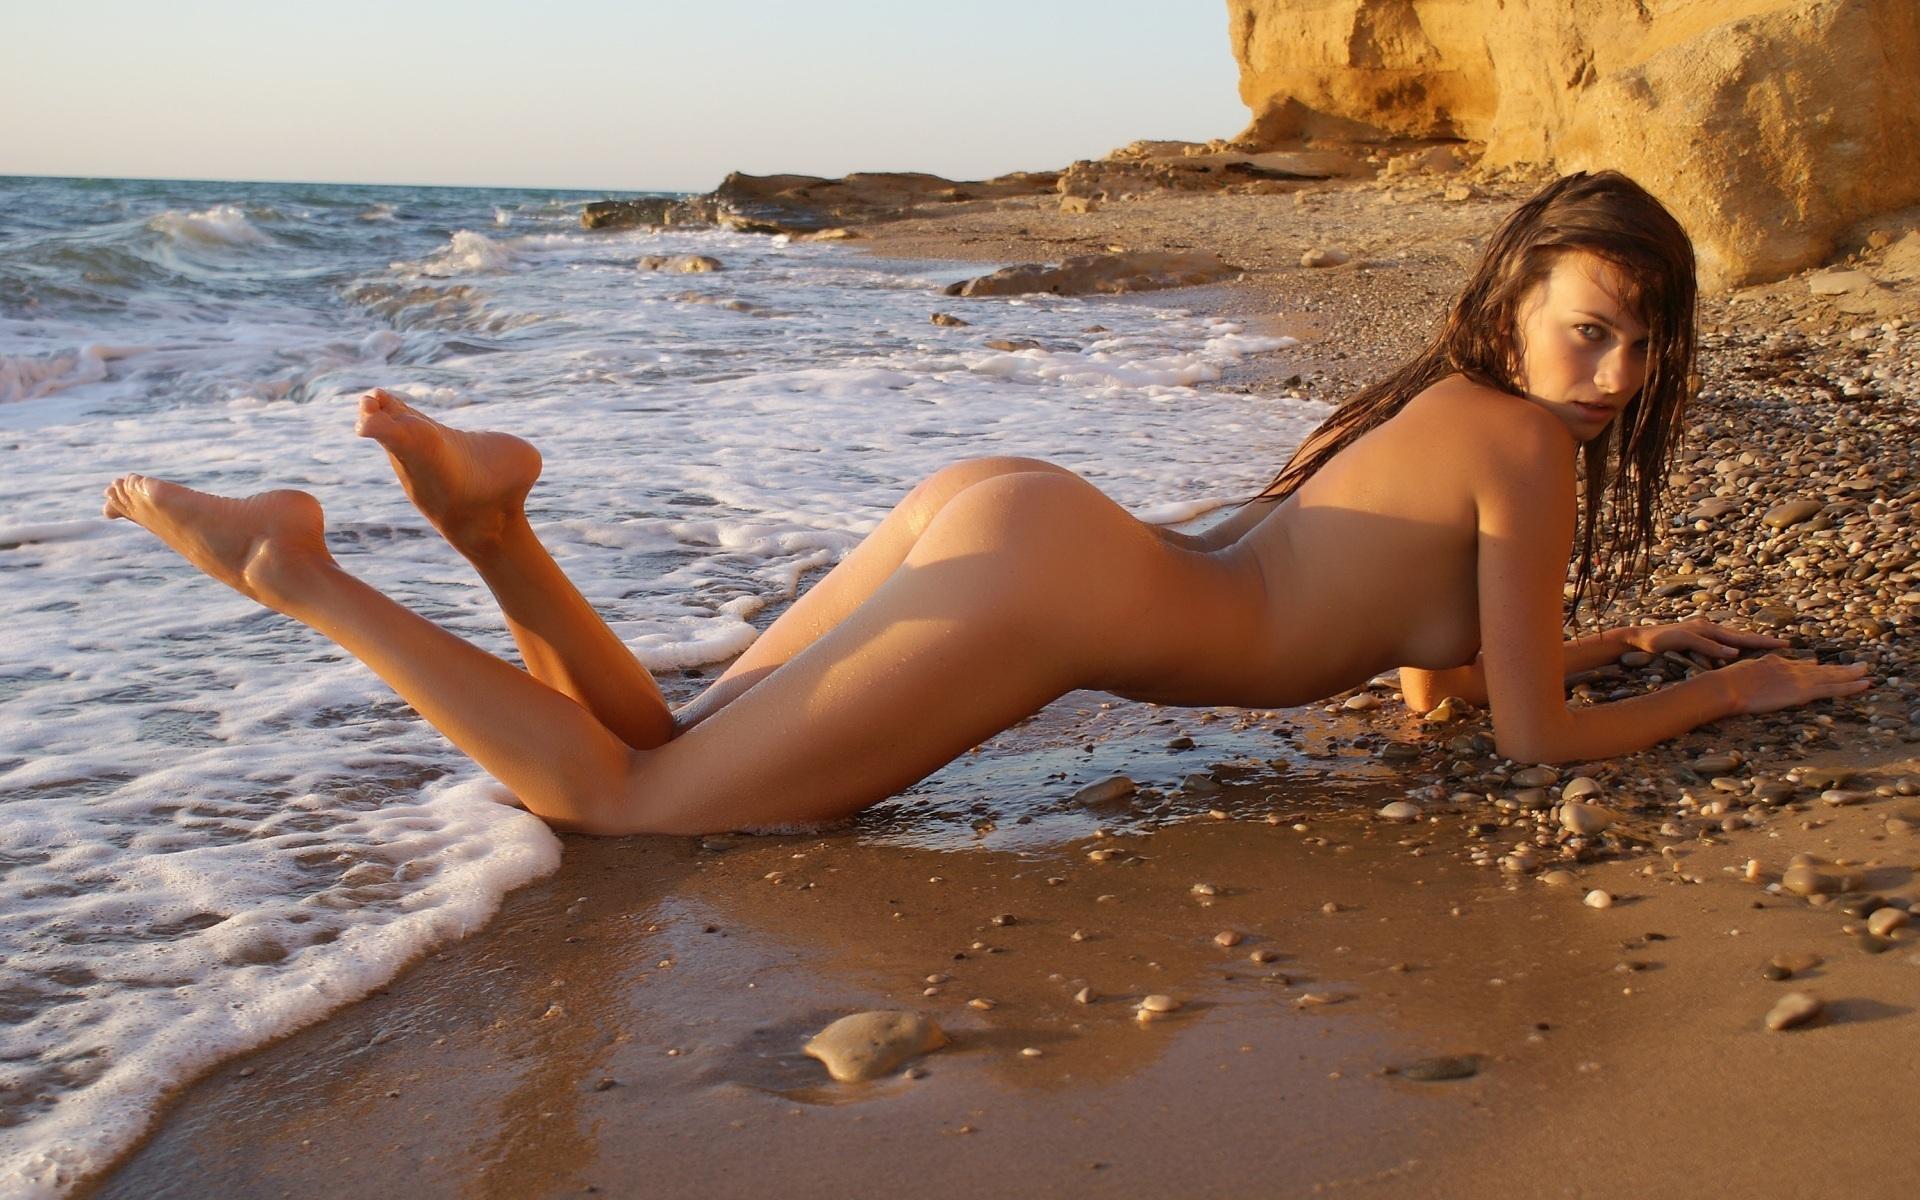 разделась на пляже - 8